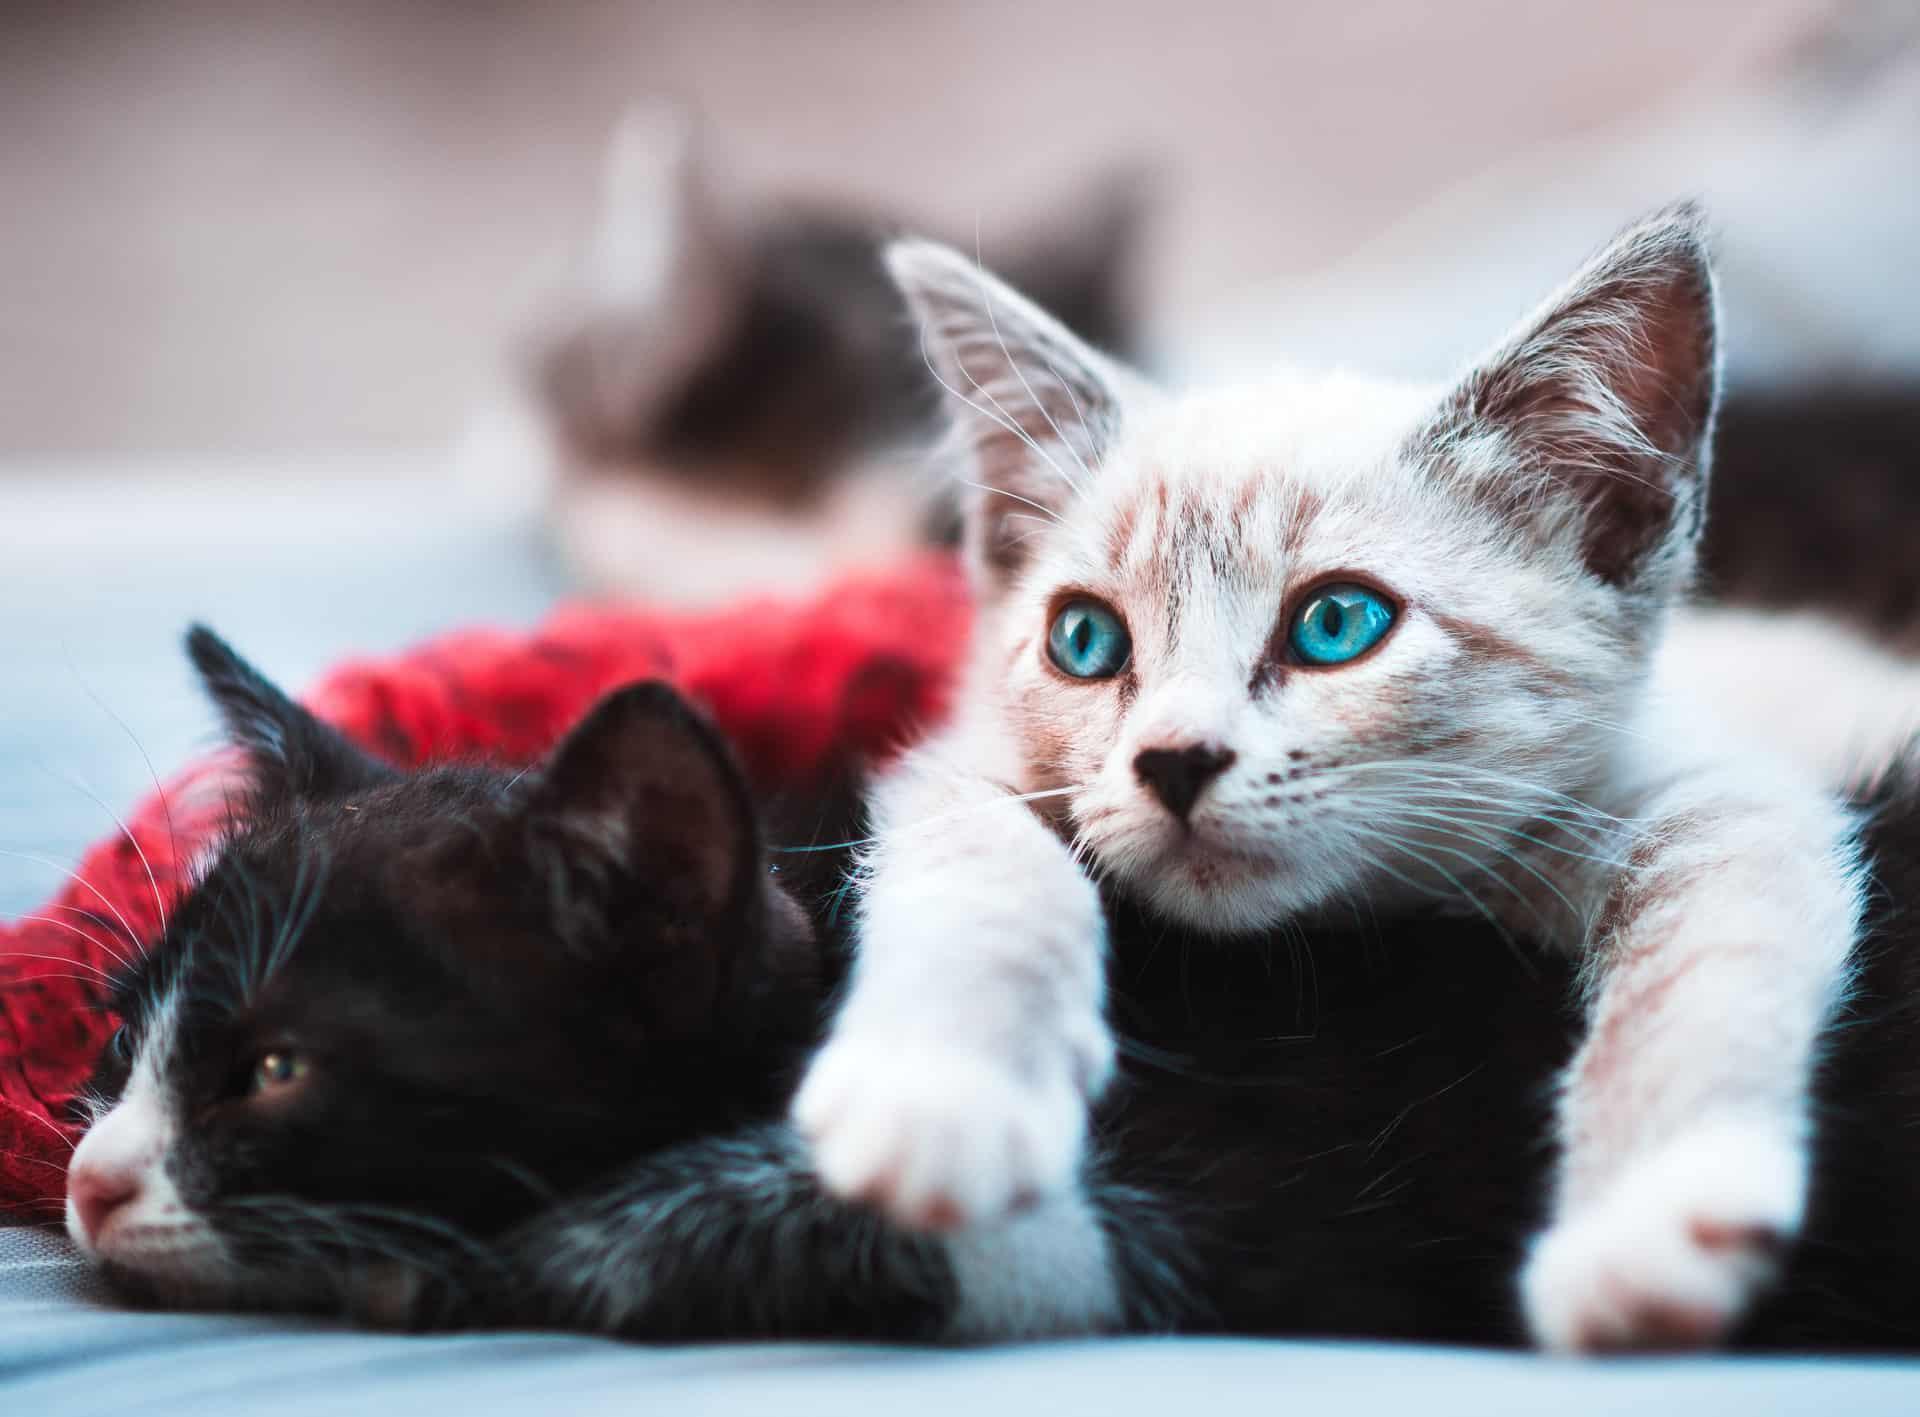 razas de gatos, dos gatitos diferentes